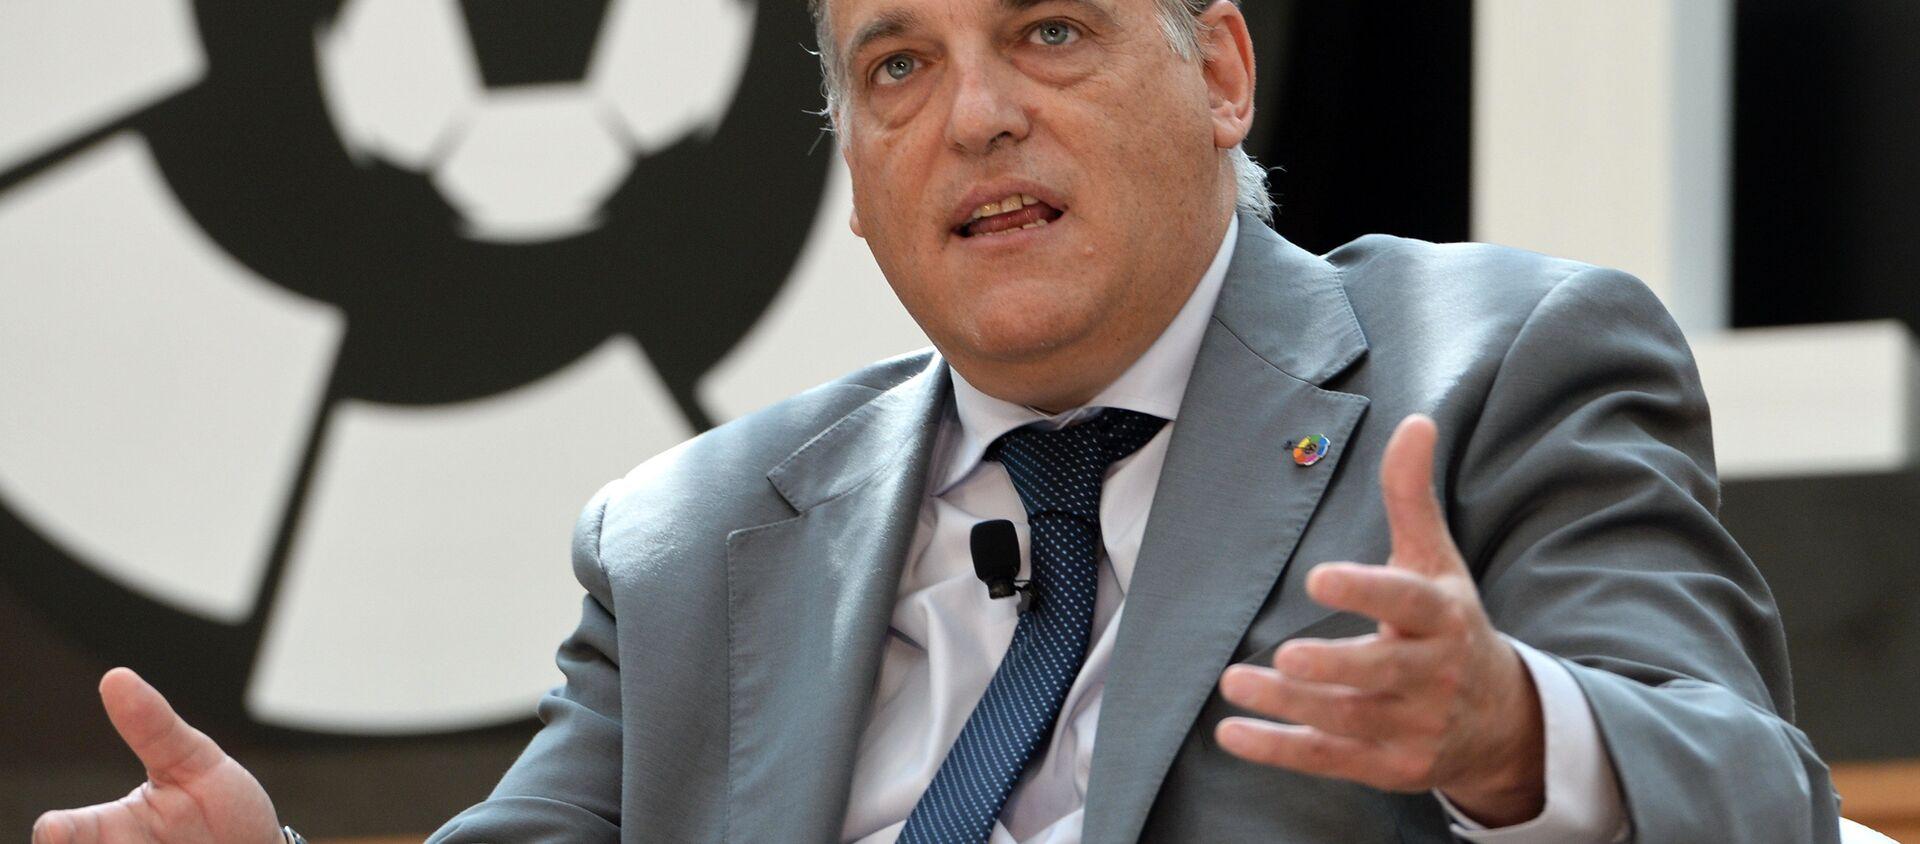 İspanya Profesyonel Futbol Ligi (LFP) Başkanı Javier Tebas, - Sputnik Türkiye, 1920, 22.04.2021